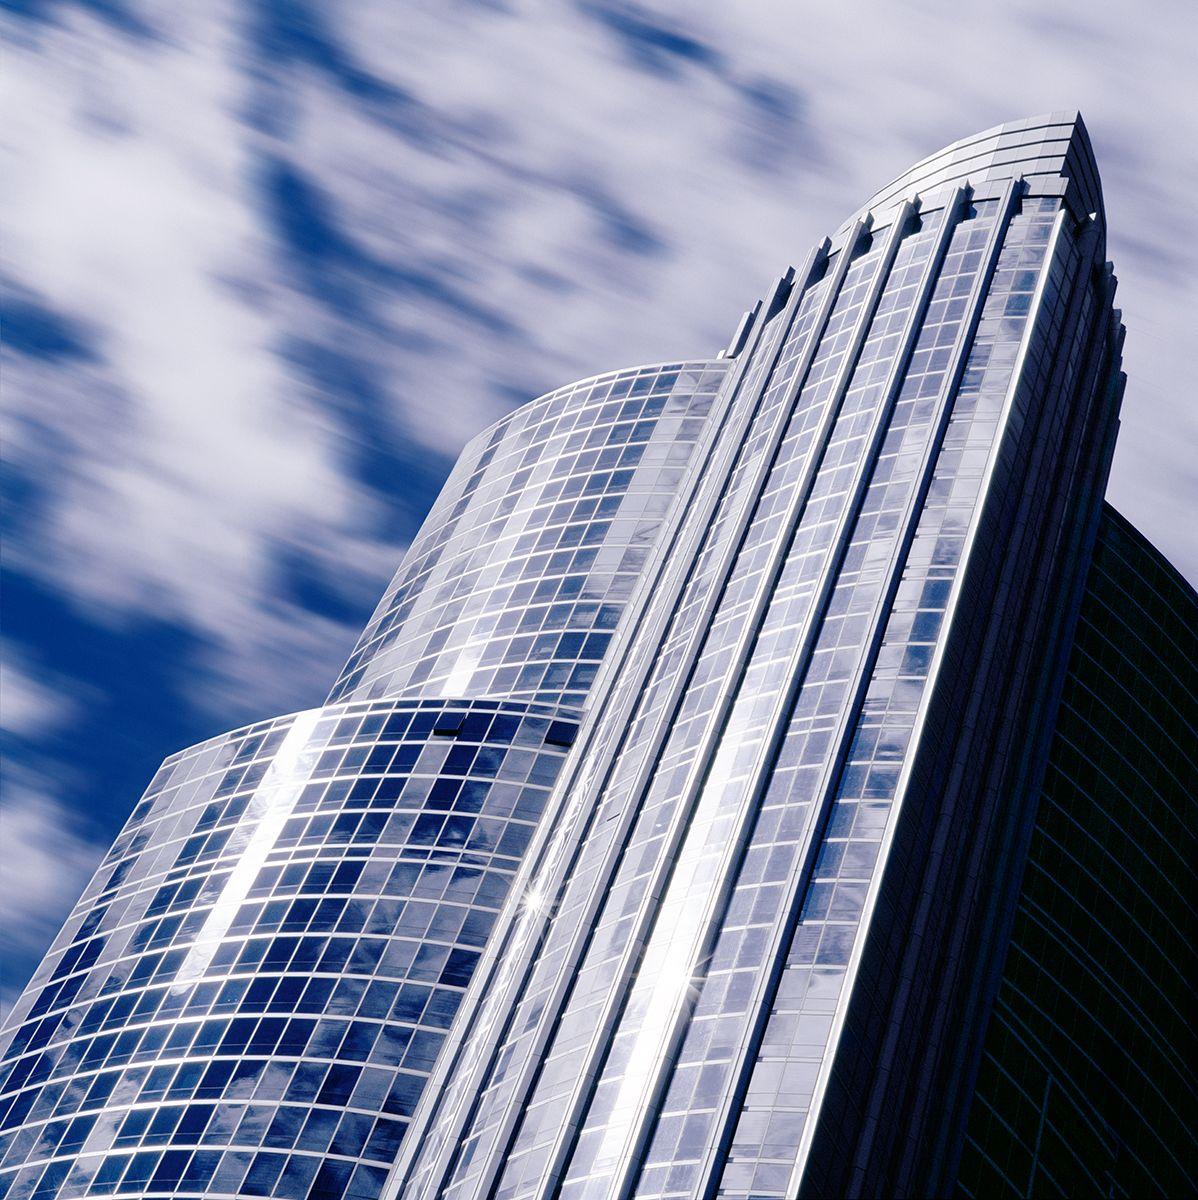 Skyscraper:Moving Clouds copy.jpg